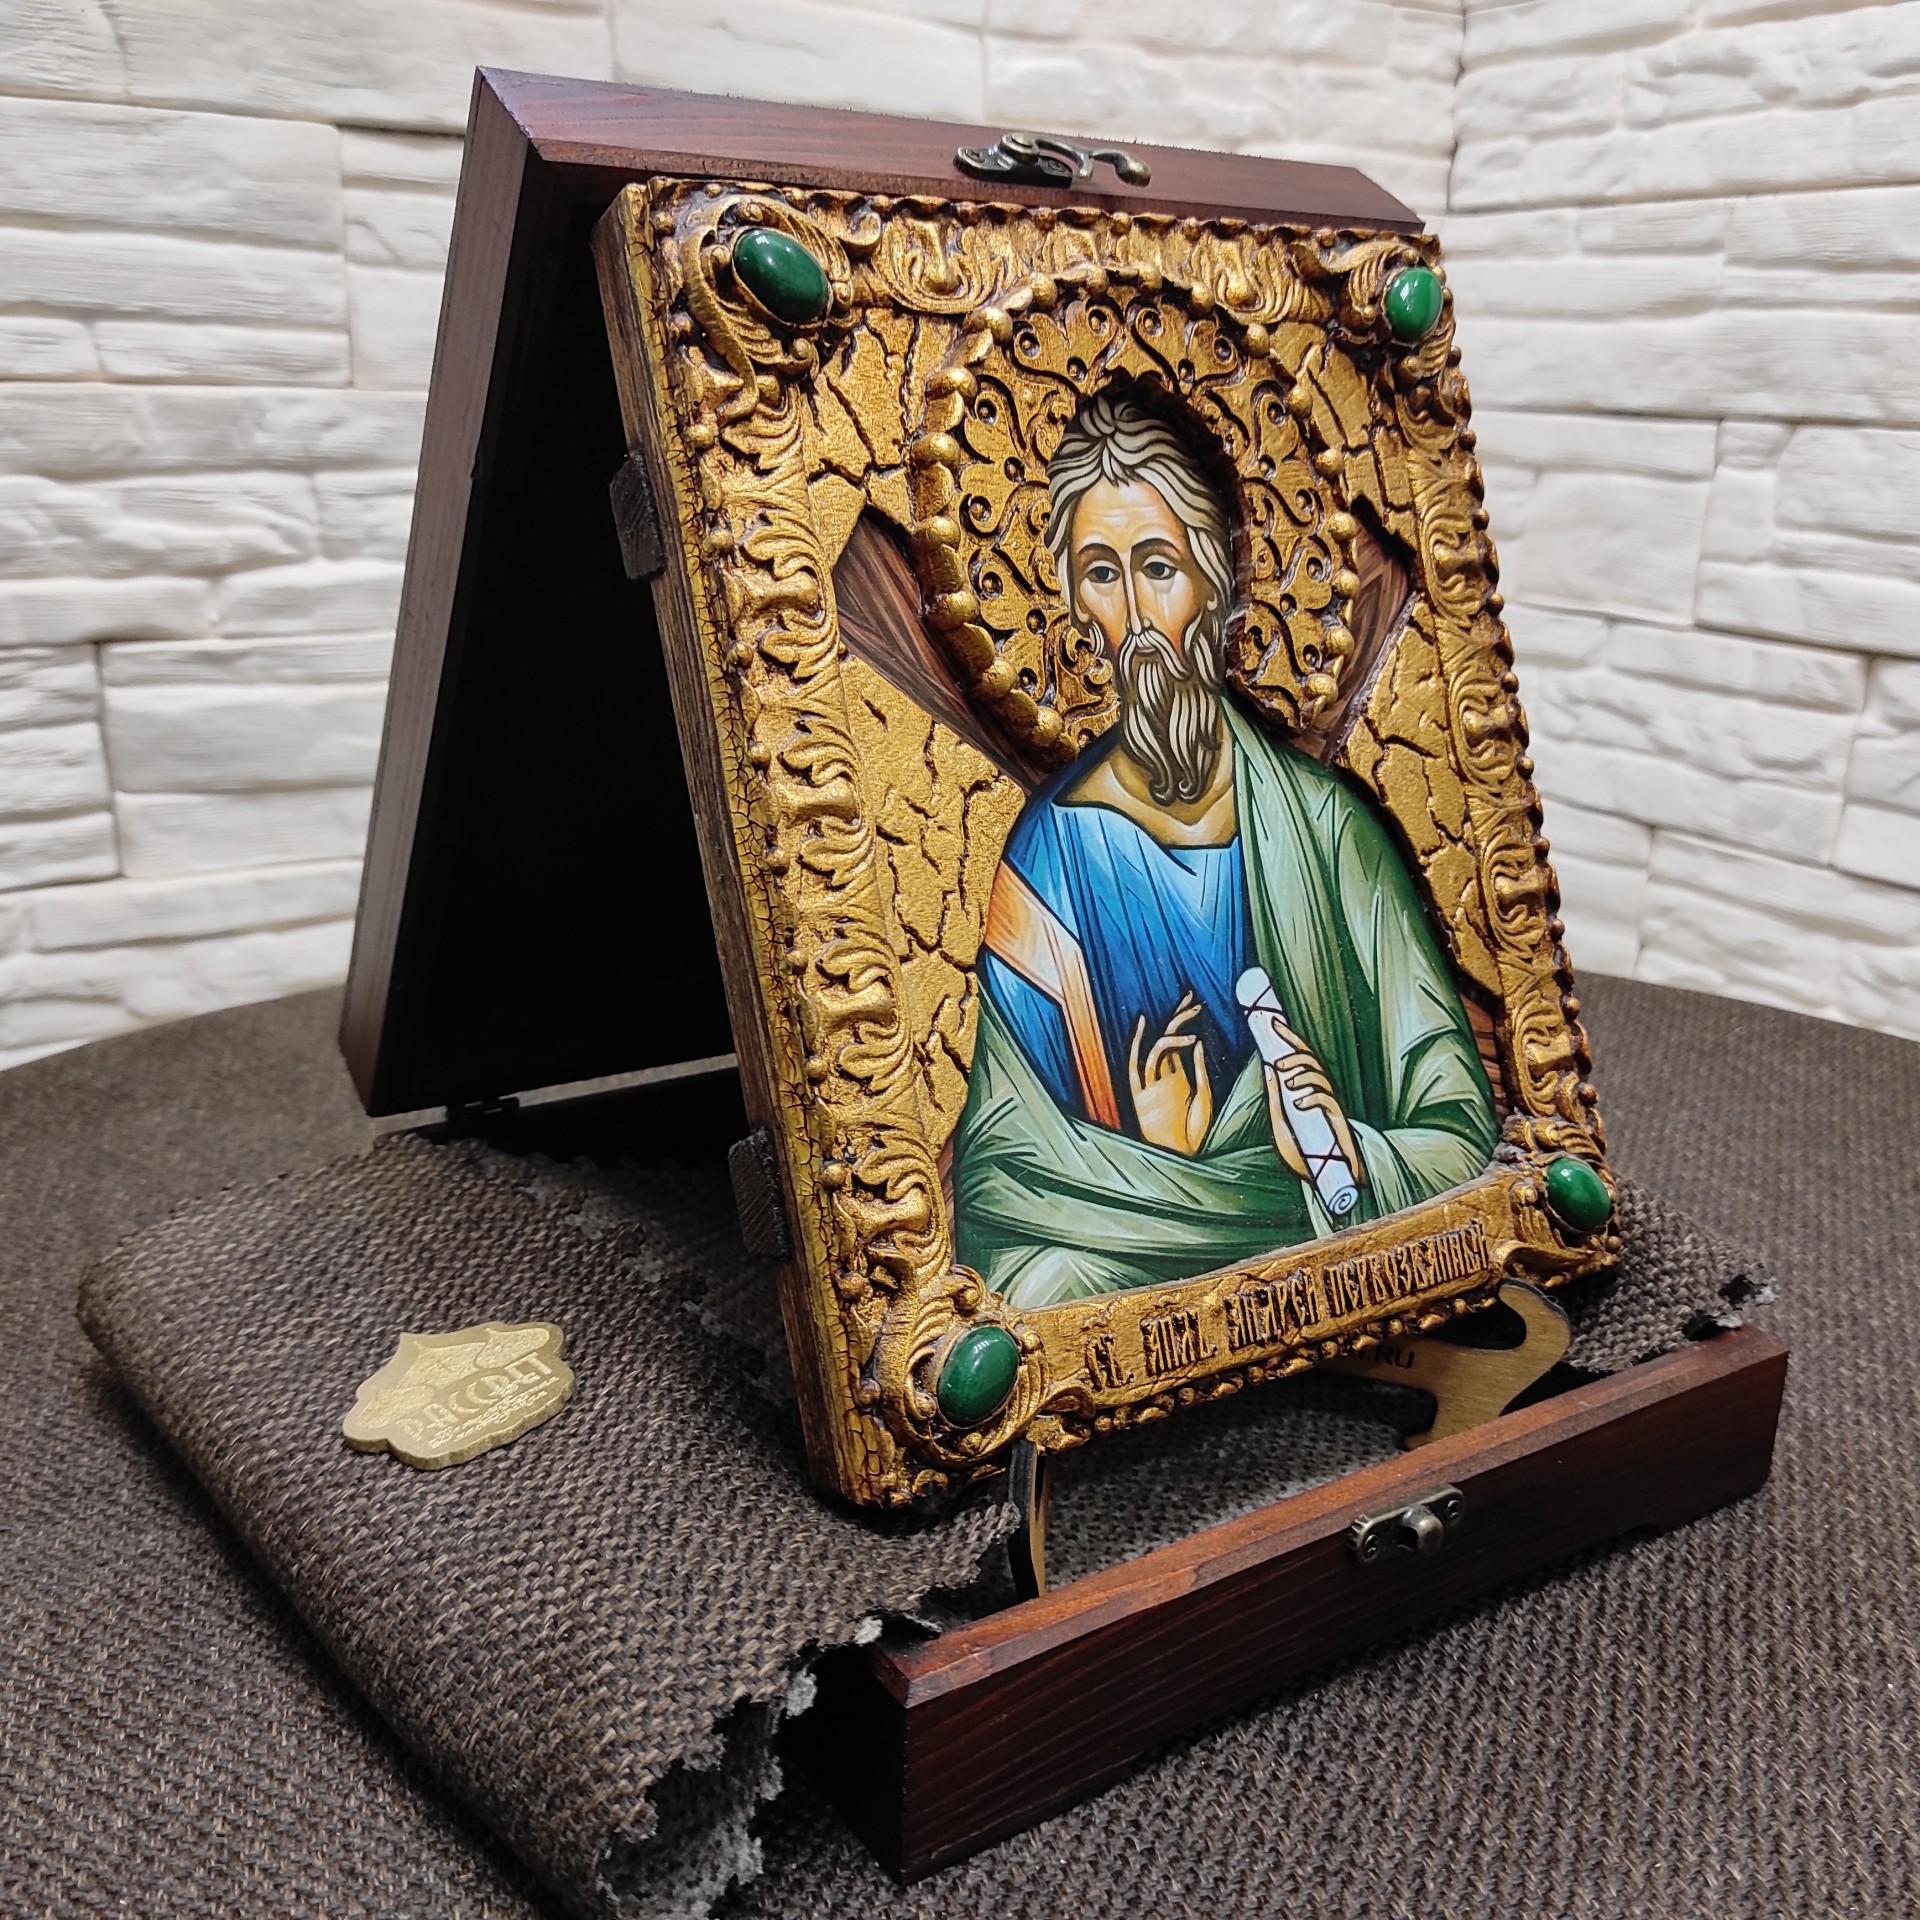 Фото именной иконы святого апостола Андрея Первозванного с камнями на подставке в футляре